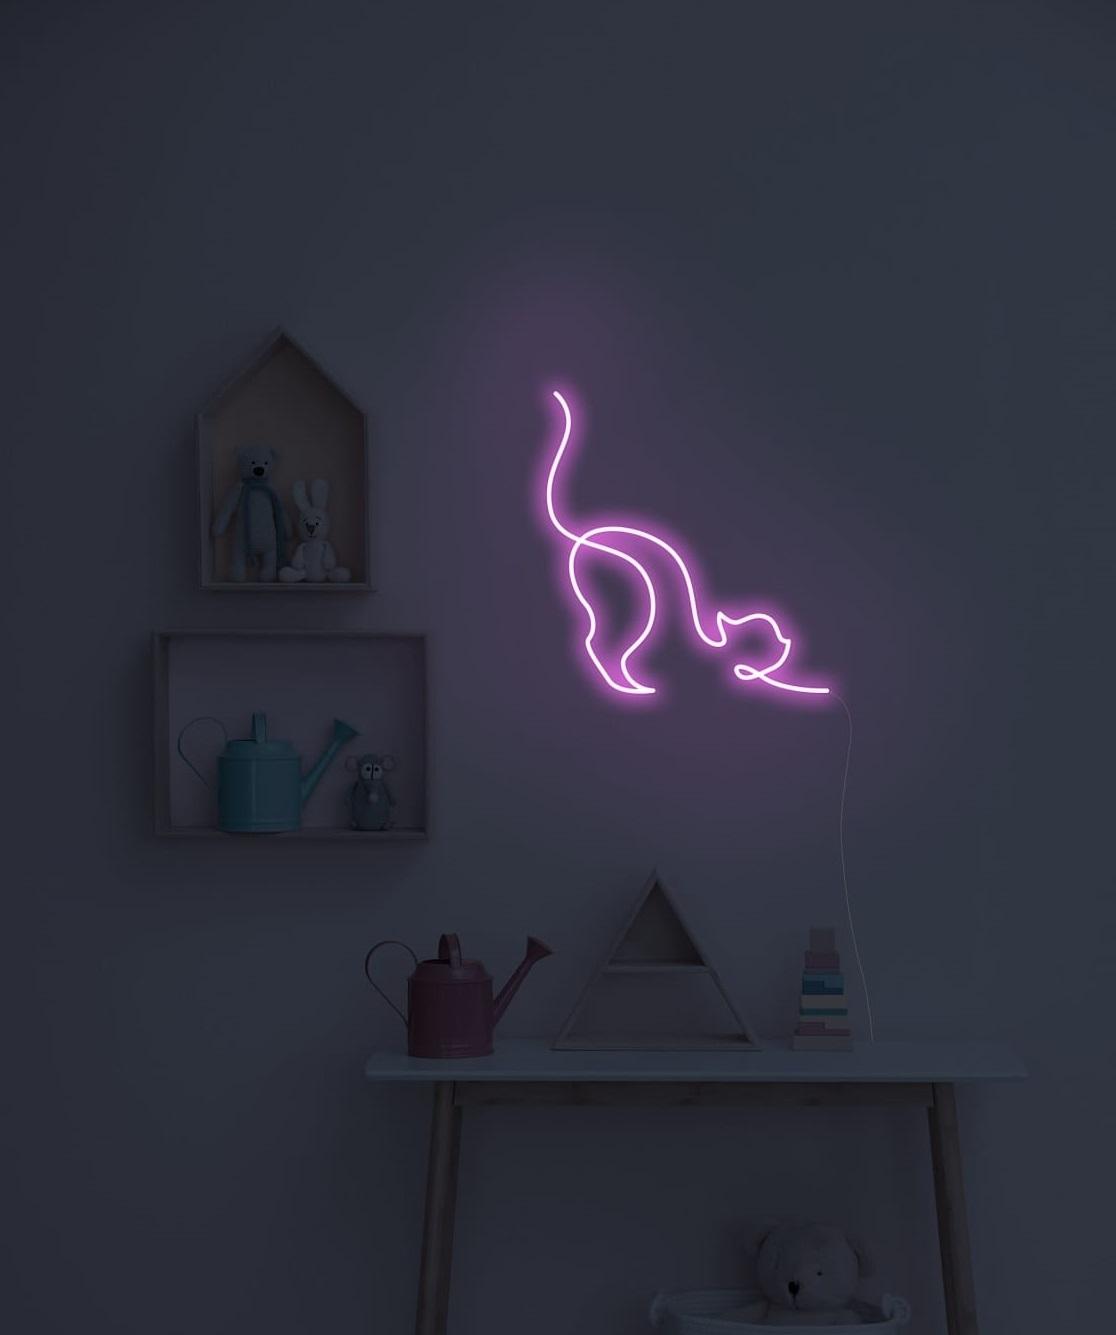 cat neon sign